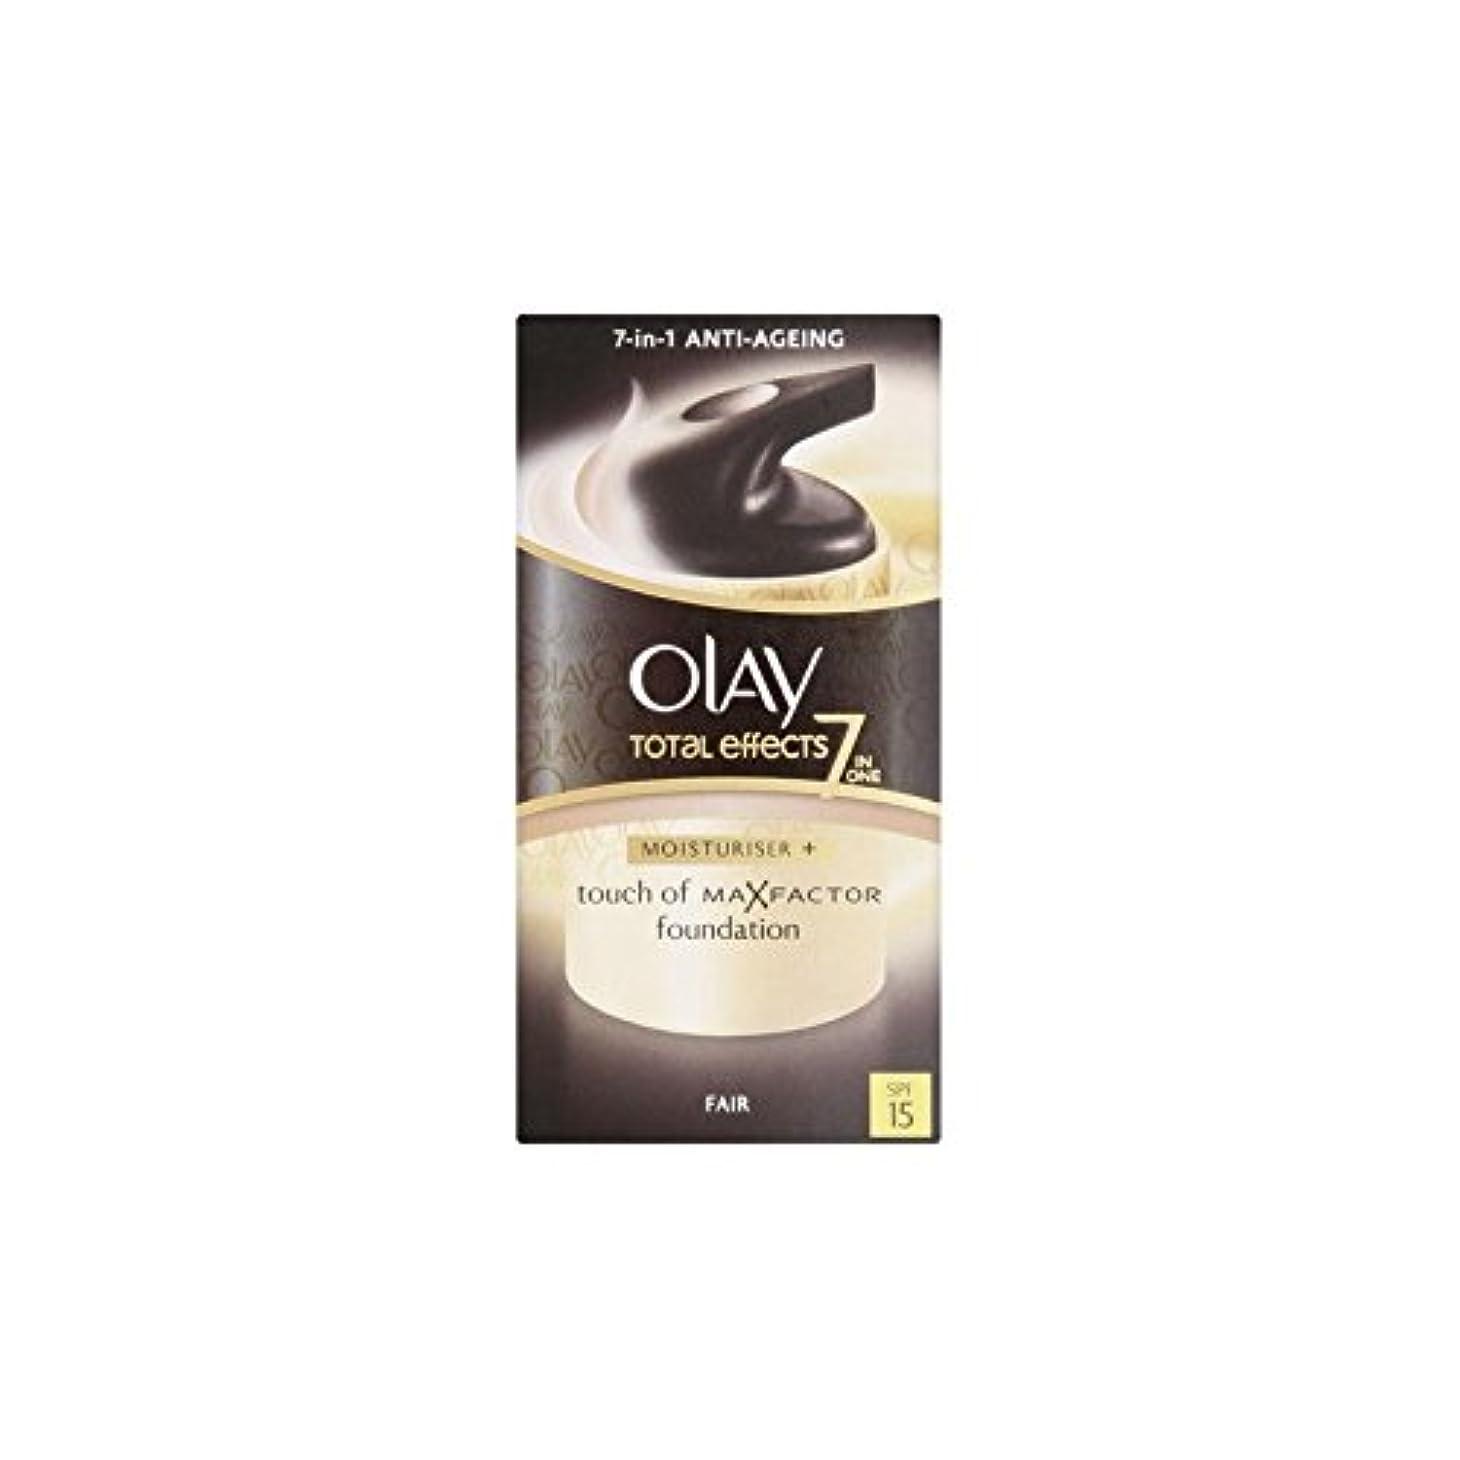 妖精出身地スカートオーレイトータルエフェクト保湿クリーム15 - フェア(50ミリリットル) x4 - Olay Total Effects Moisturiser Bb Cream Spf15 - Fair (50ml) (Pack of...